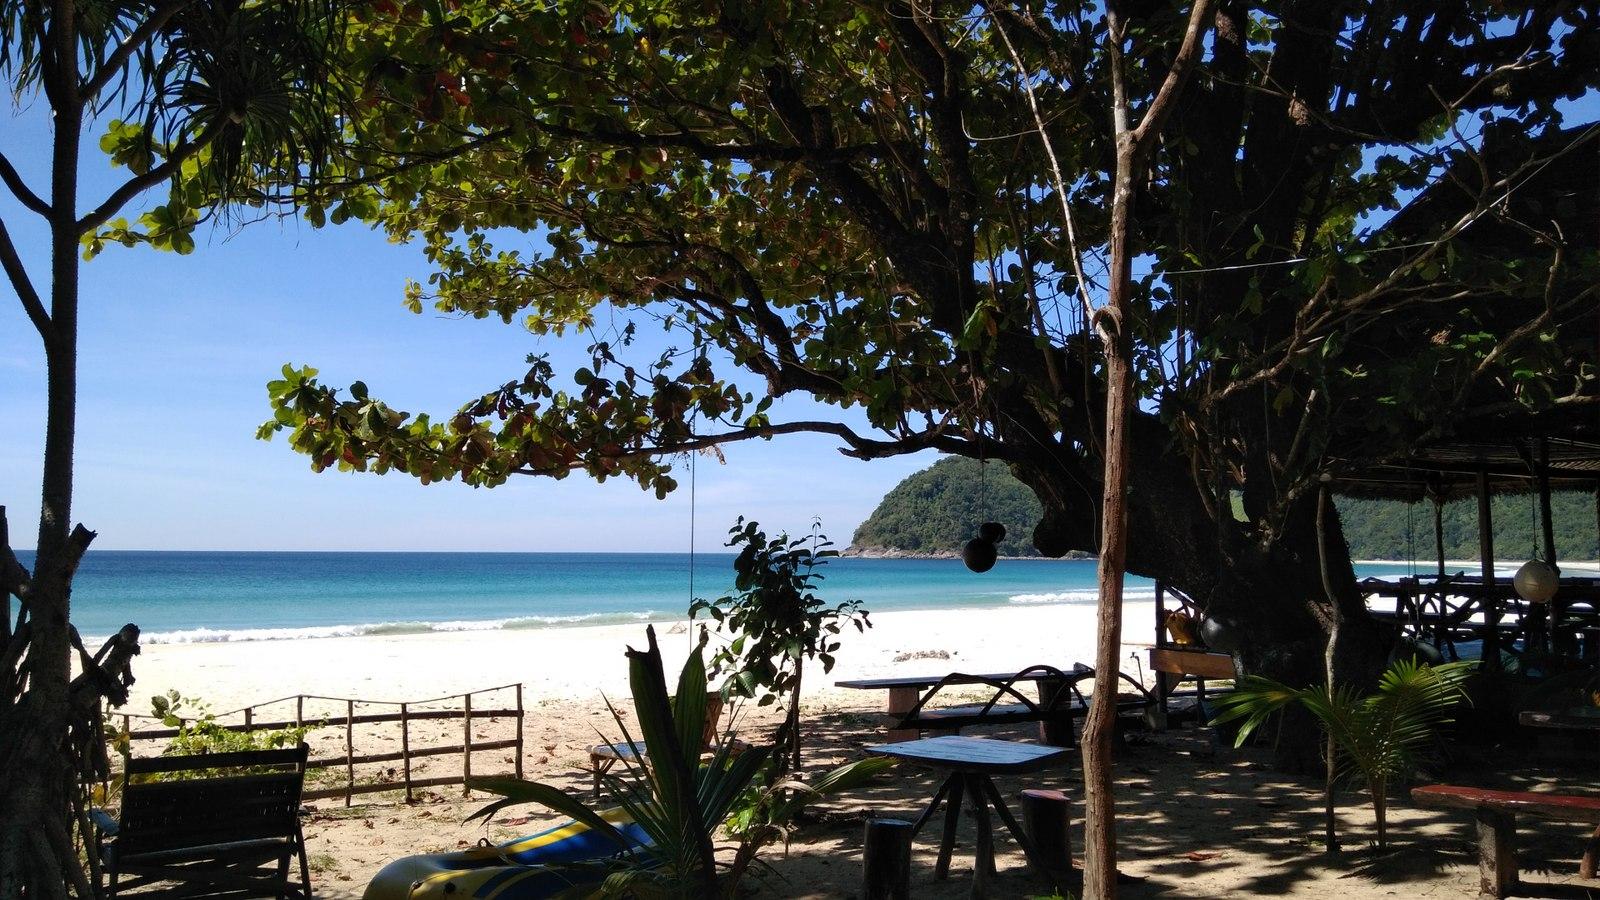 Beach restaurant at Sin Htauk